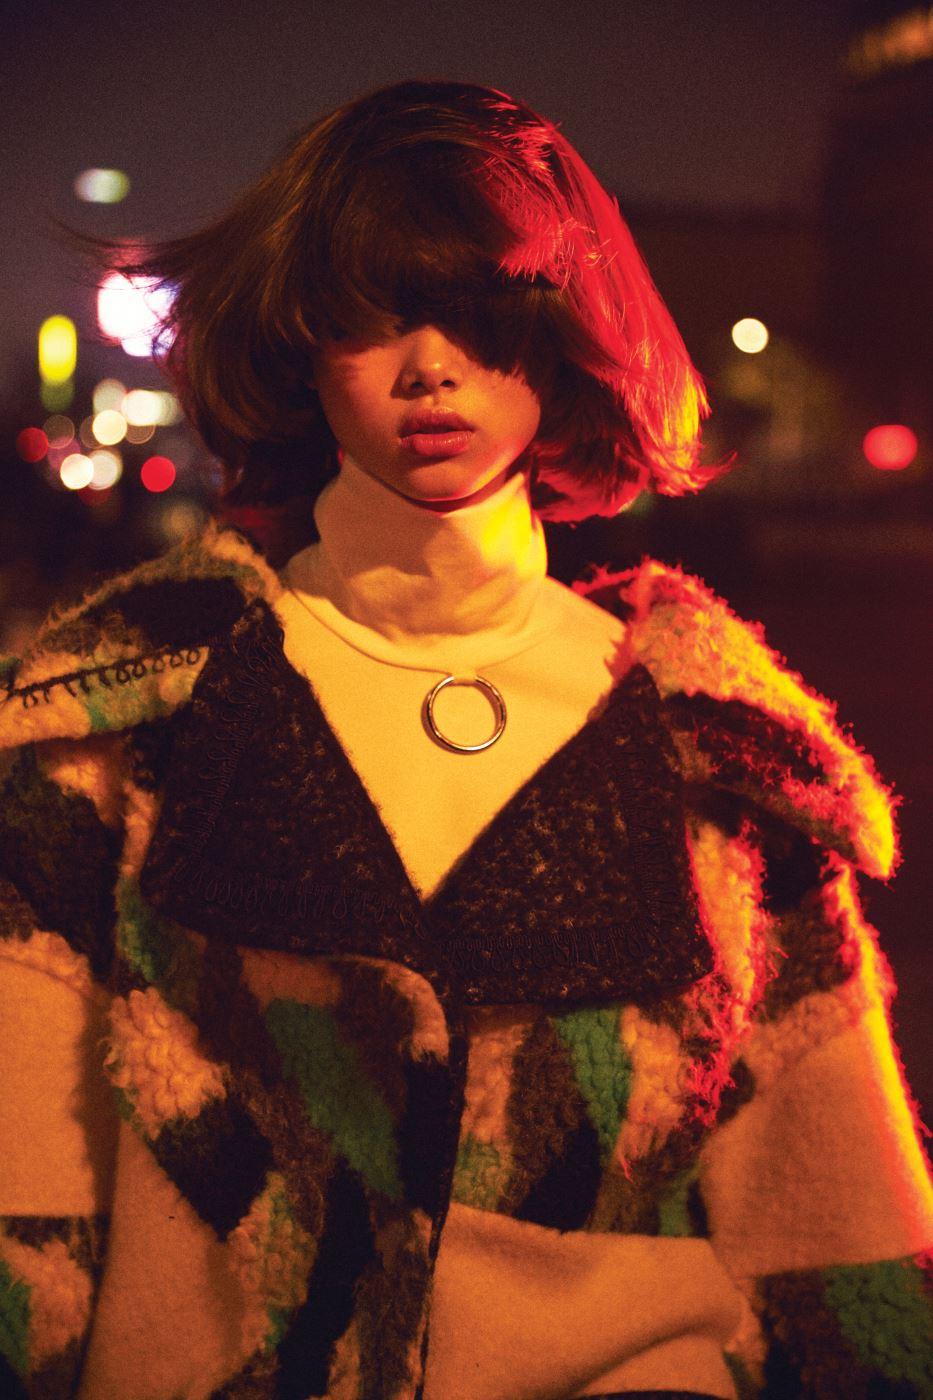 색 배합이 멋스러운 코트, 메탈 장식이 더해진 터틀넥은 Kwak Hyun Joo Collection 제품.